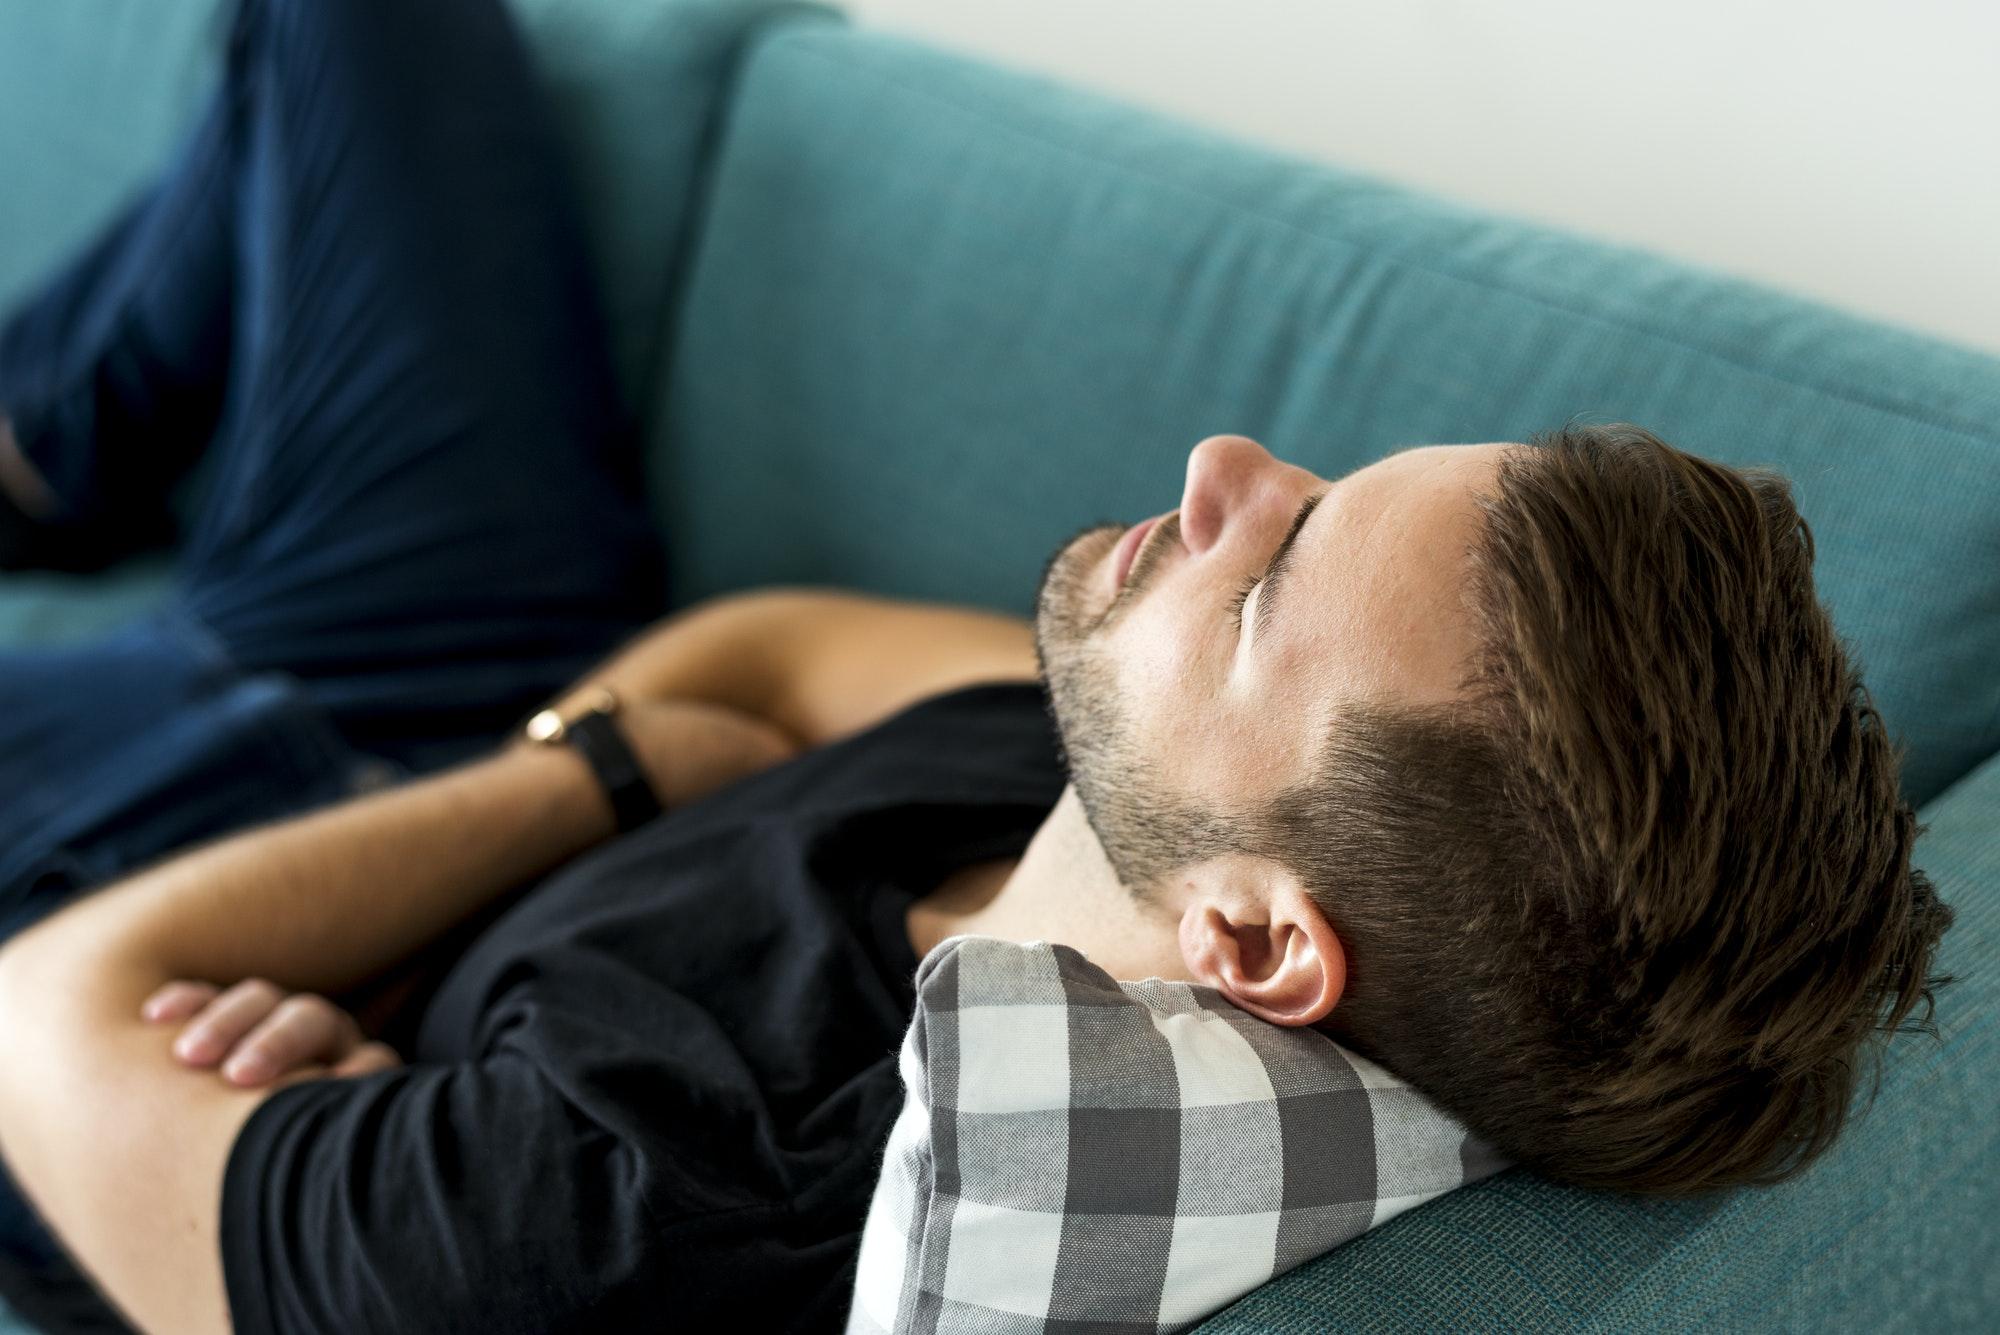 Man sleeping on the sofa